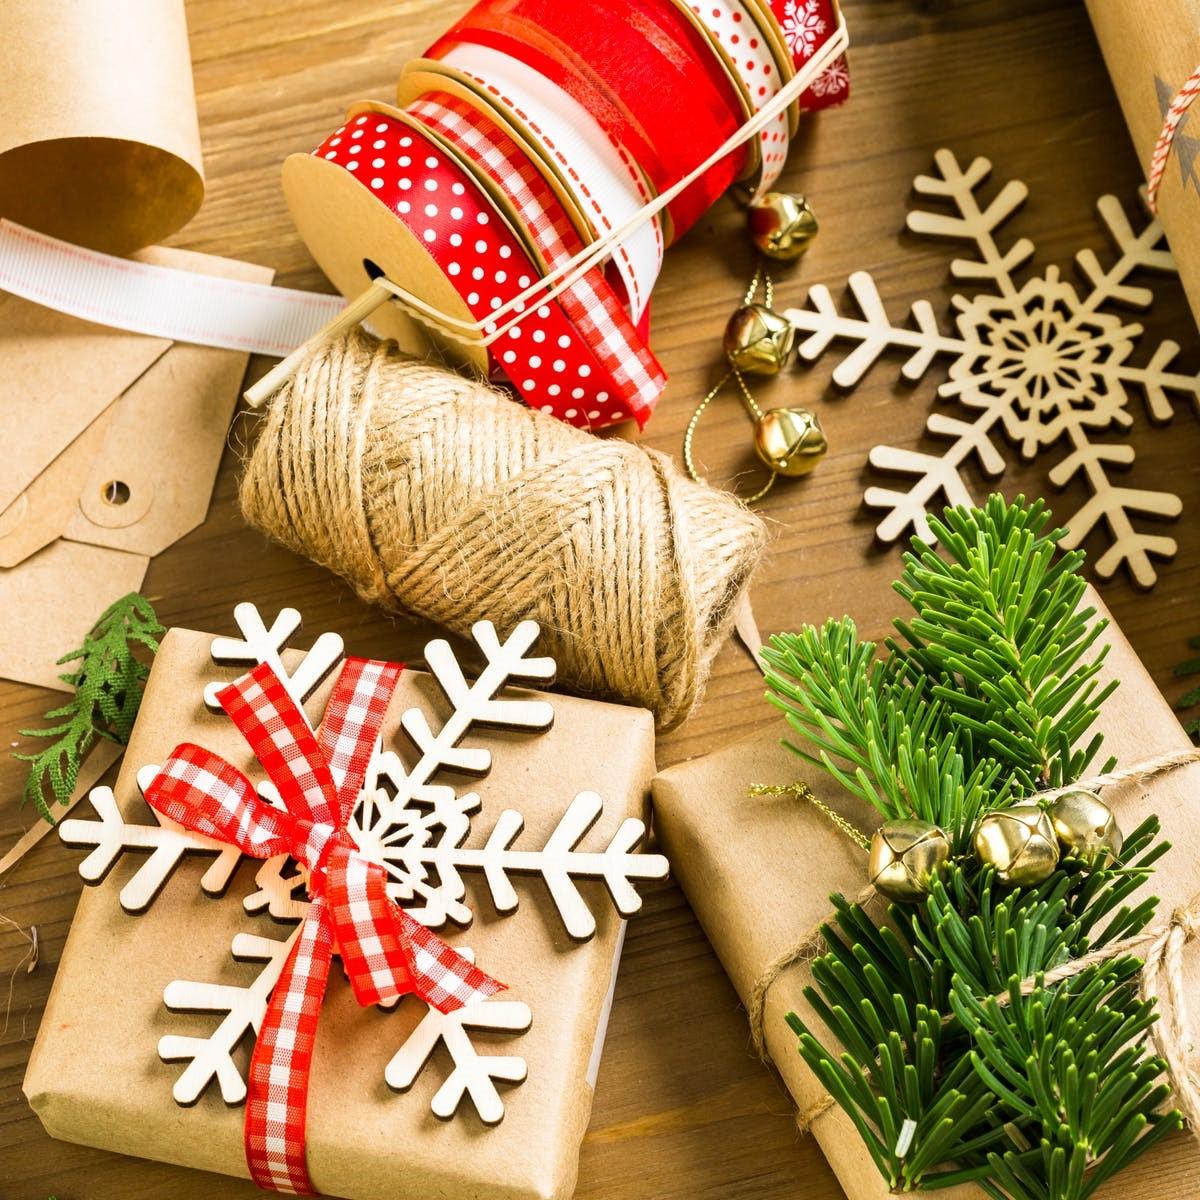 Comment faire un oaquet cadeau original? Décorez les paquets avec des petits flocons.